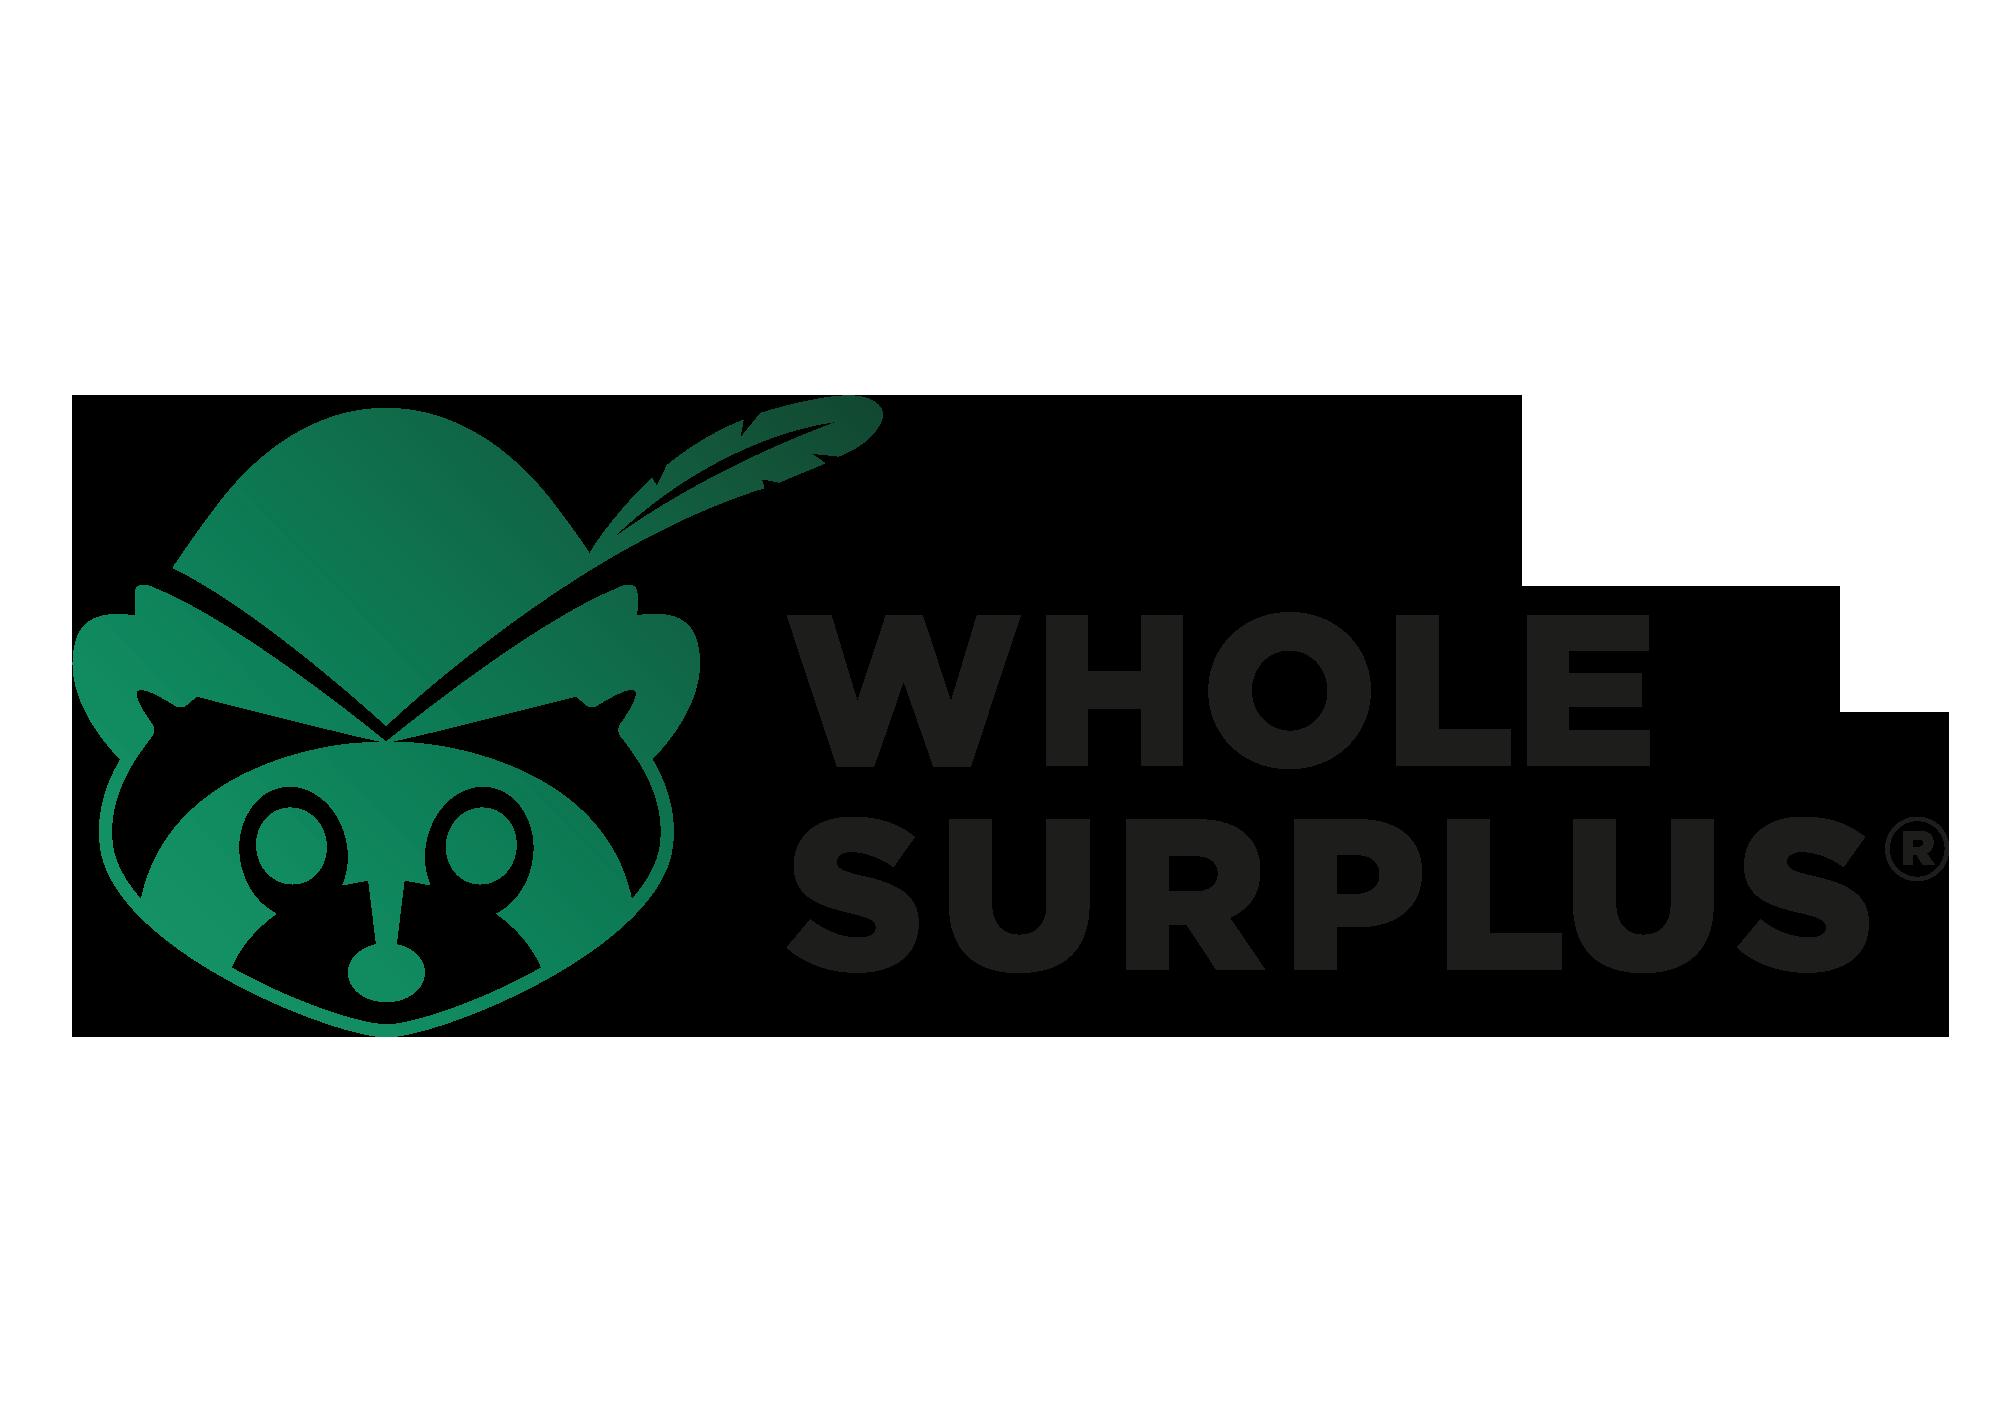 Whole Surplus